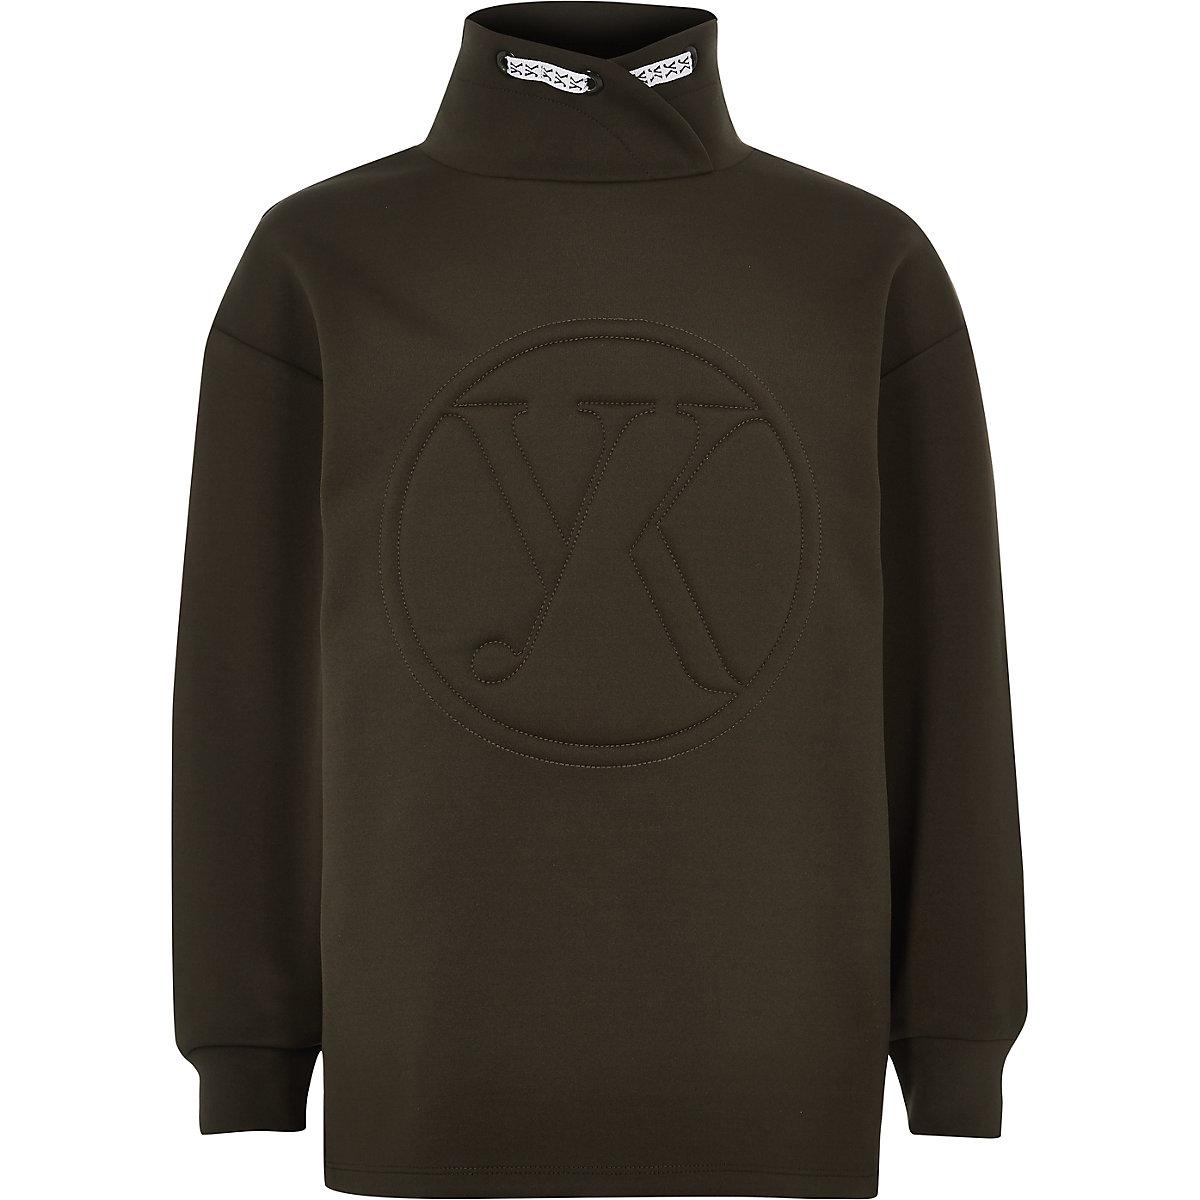 Be Inclusive – Pullover in Khaki